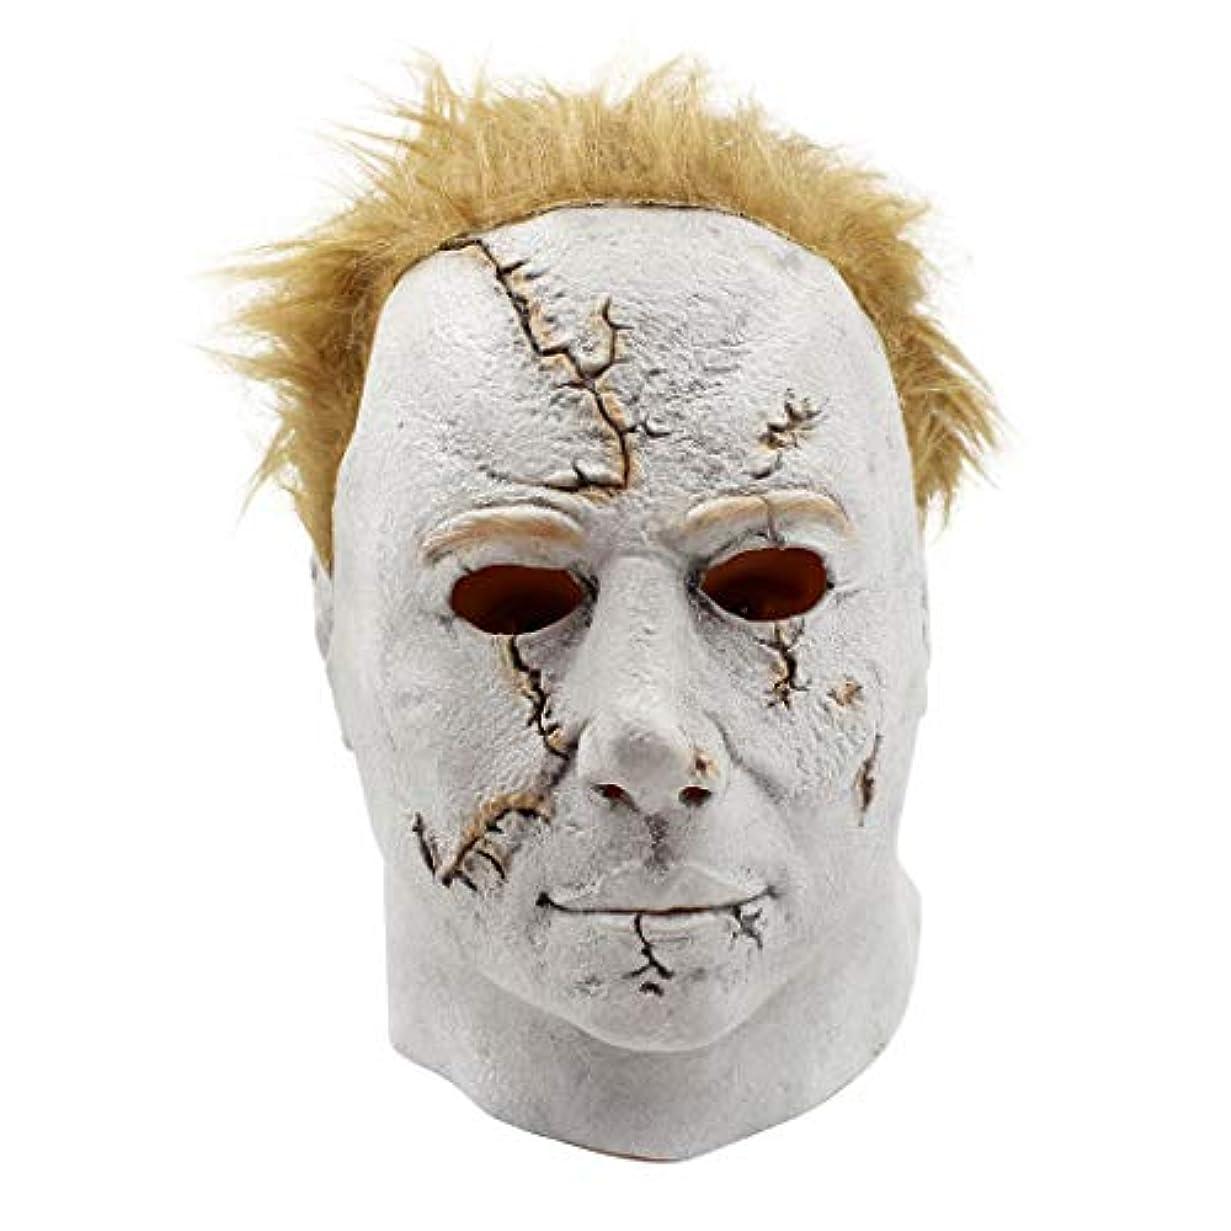 先のことを考えるレポートを書く理想的にはマスクフード映画月光が舞う白い顔ホラーラテックス